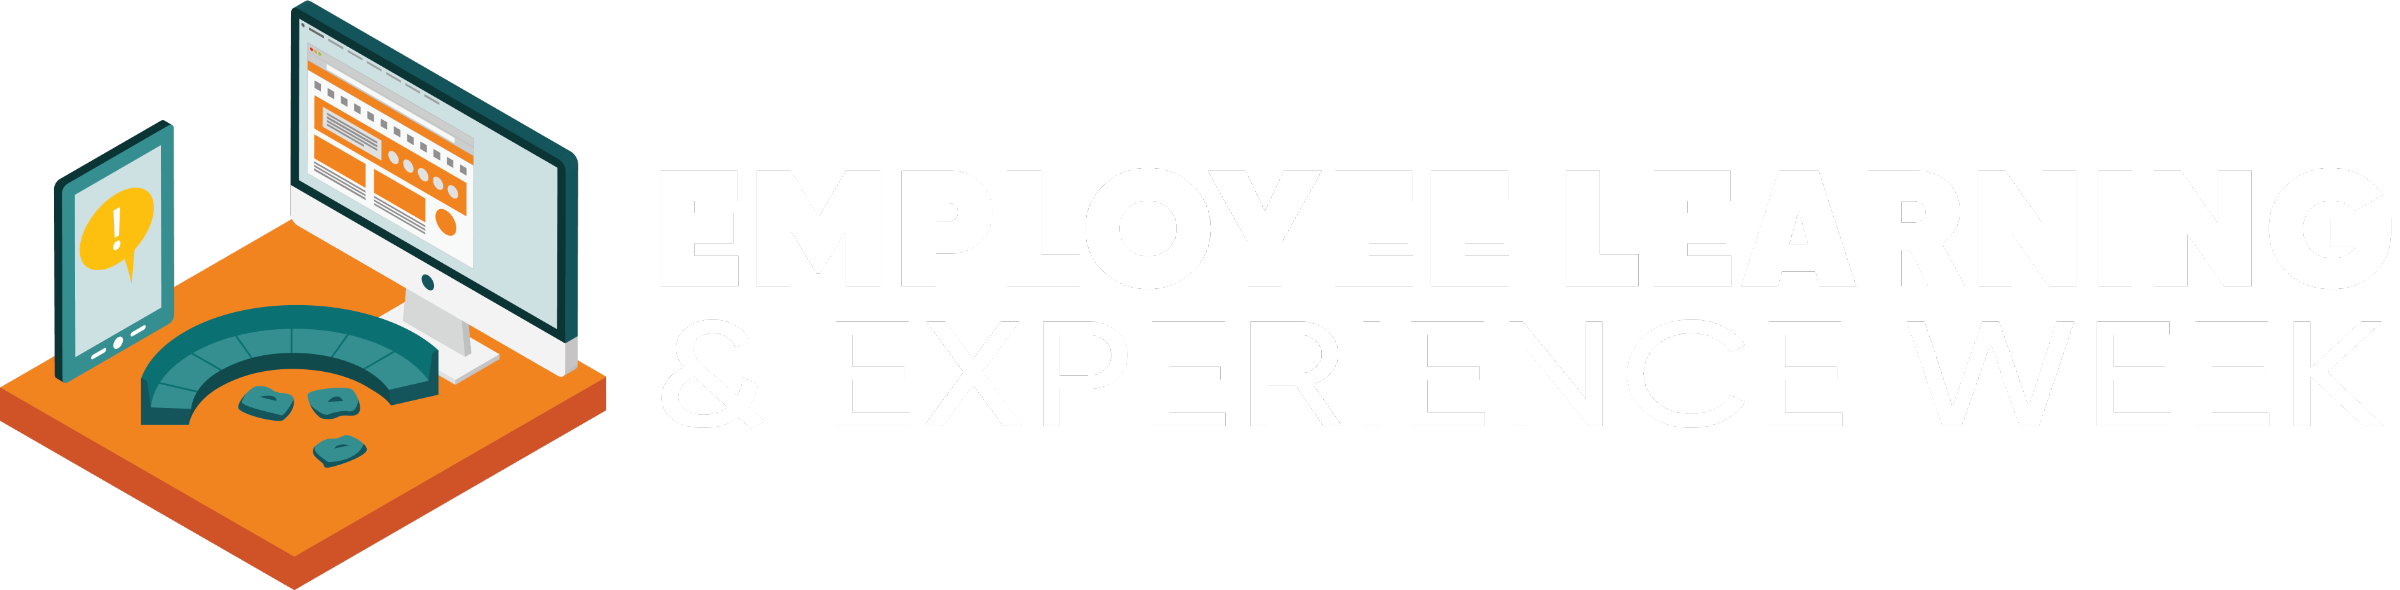 Employee Learning & Experience Week